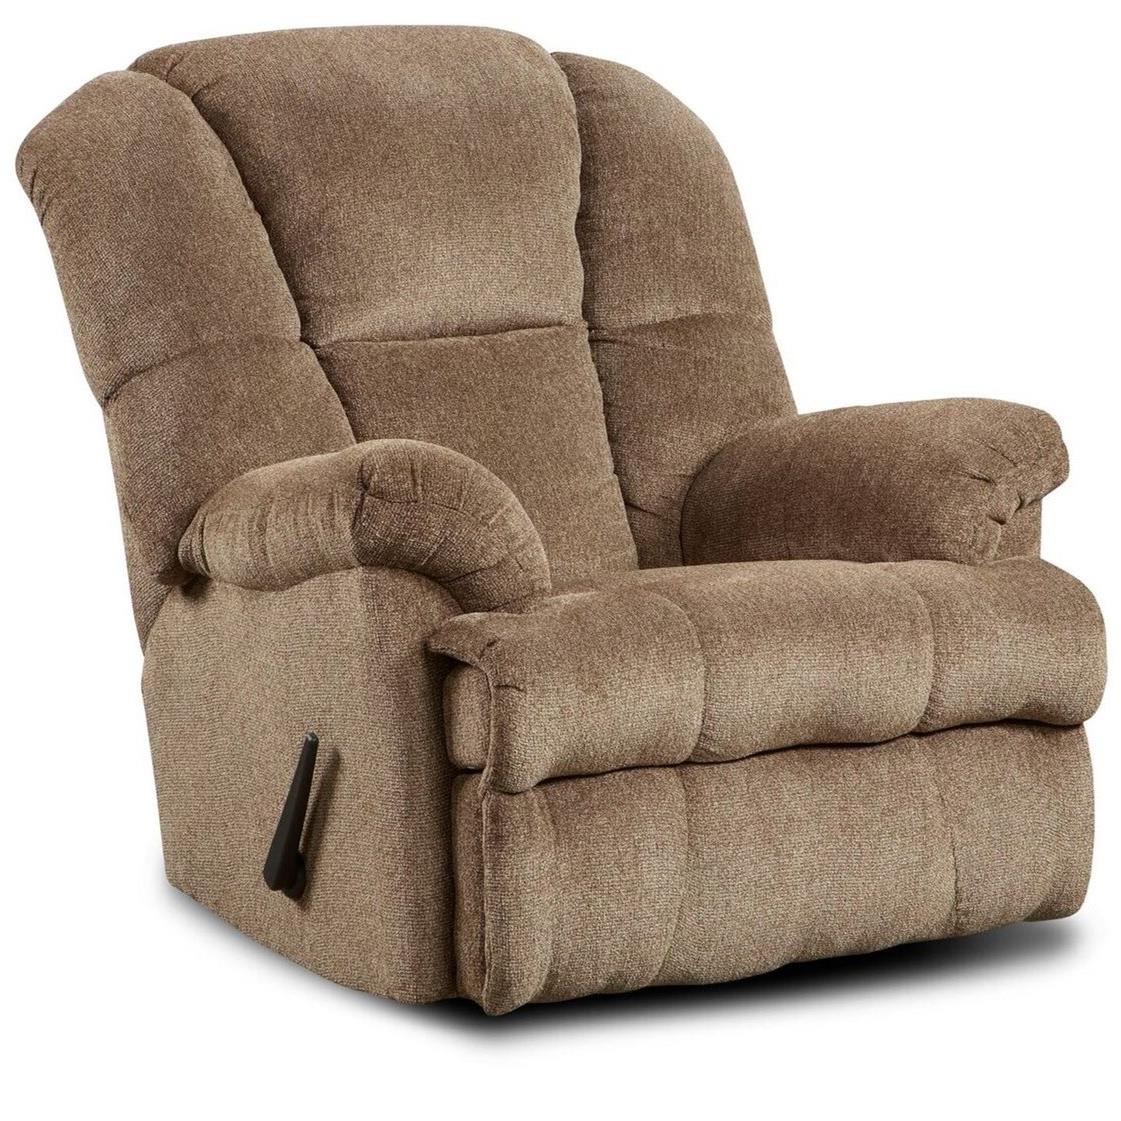 Washington Furniture 9745 Recliner - Item Number: 9745-Hillel Cocoa